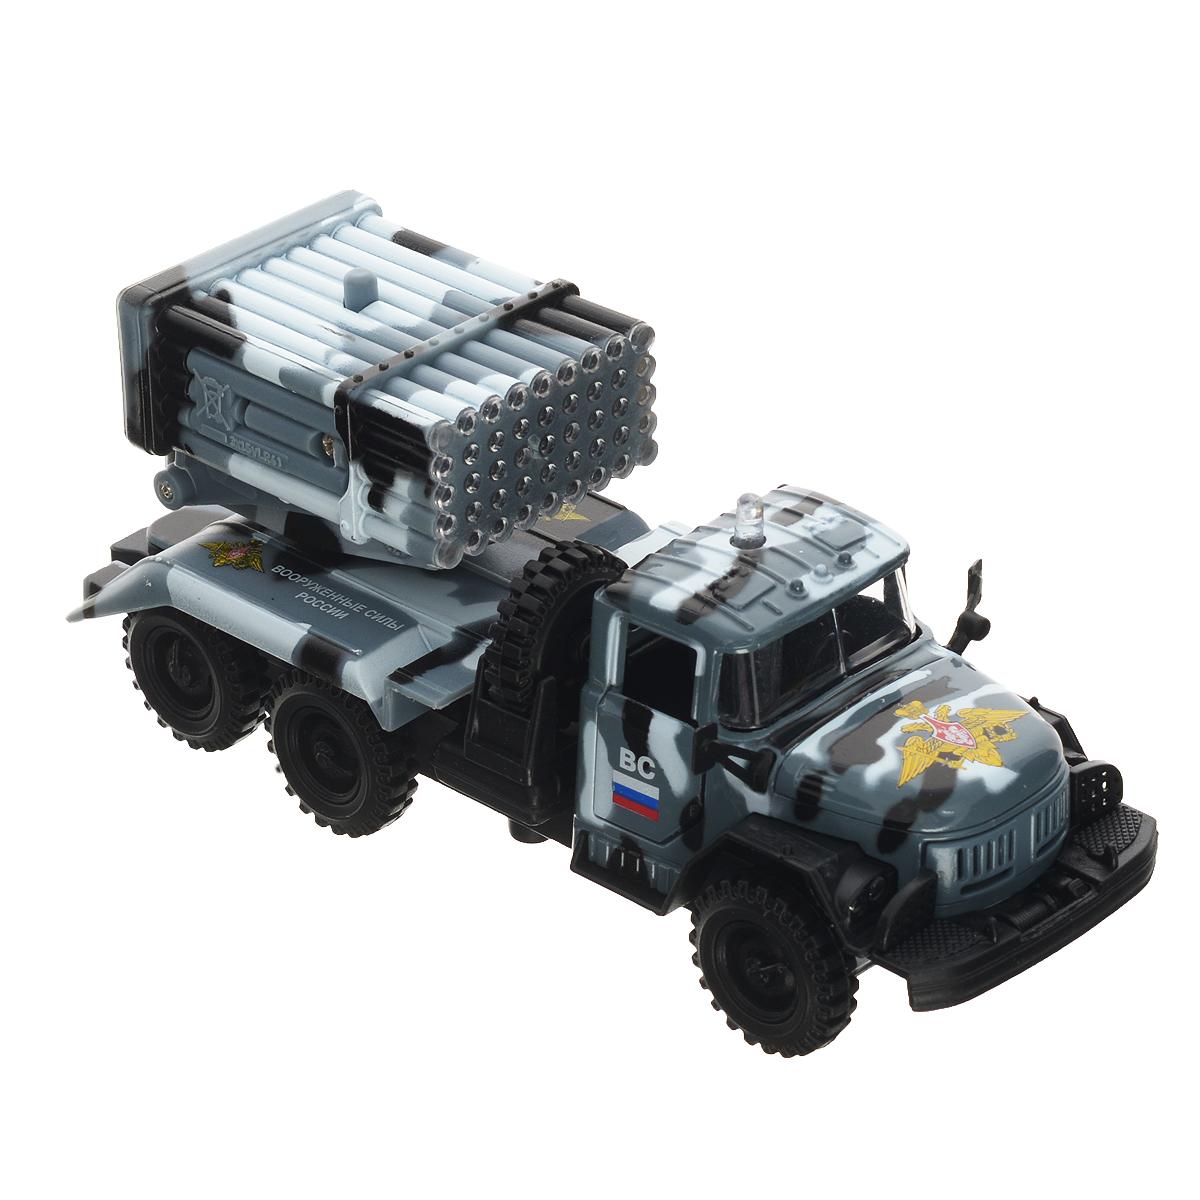 ТехноПарк Машинка инерционная ЗИЛ 131 ВС цвет серый камуфляжCT10-001-M-3Инерционная машинка ТехноПарк ЗИЛ 131 ВС, выполненная из пластика и металла, станет любимой игрушкой вашего малыша. Игрушка представляет собой модель армейского грузовика марки ЗИЛ 131 с расположенной на месте кузова системой залпового огня. У машинки открываются дверцы кабины, система залпового огня поворачивается на 360 градусов. Между кабиной и кузовом расположено запасное колесо, которое также может быть использовано по назначению. При нажатии на кнопку замигают изображающие огонь лампочки, прозвучат звуки выстрелов и команды военных. Игрушка оснащена инерционным ходом. Машинку необходимо отвести назад, затем отпустить - и она быстро поедет вперед. Прорезиненные колеса обеспечивают надежное сцепление с любой гладкой поверхностью. Ваш ребенок будет часами играть с этой машинкой, придумывая различные истории. Порадуйте его таким замечательным подарком! Машинка работает от батареек (товар комплектуется демонстрационными).